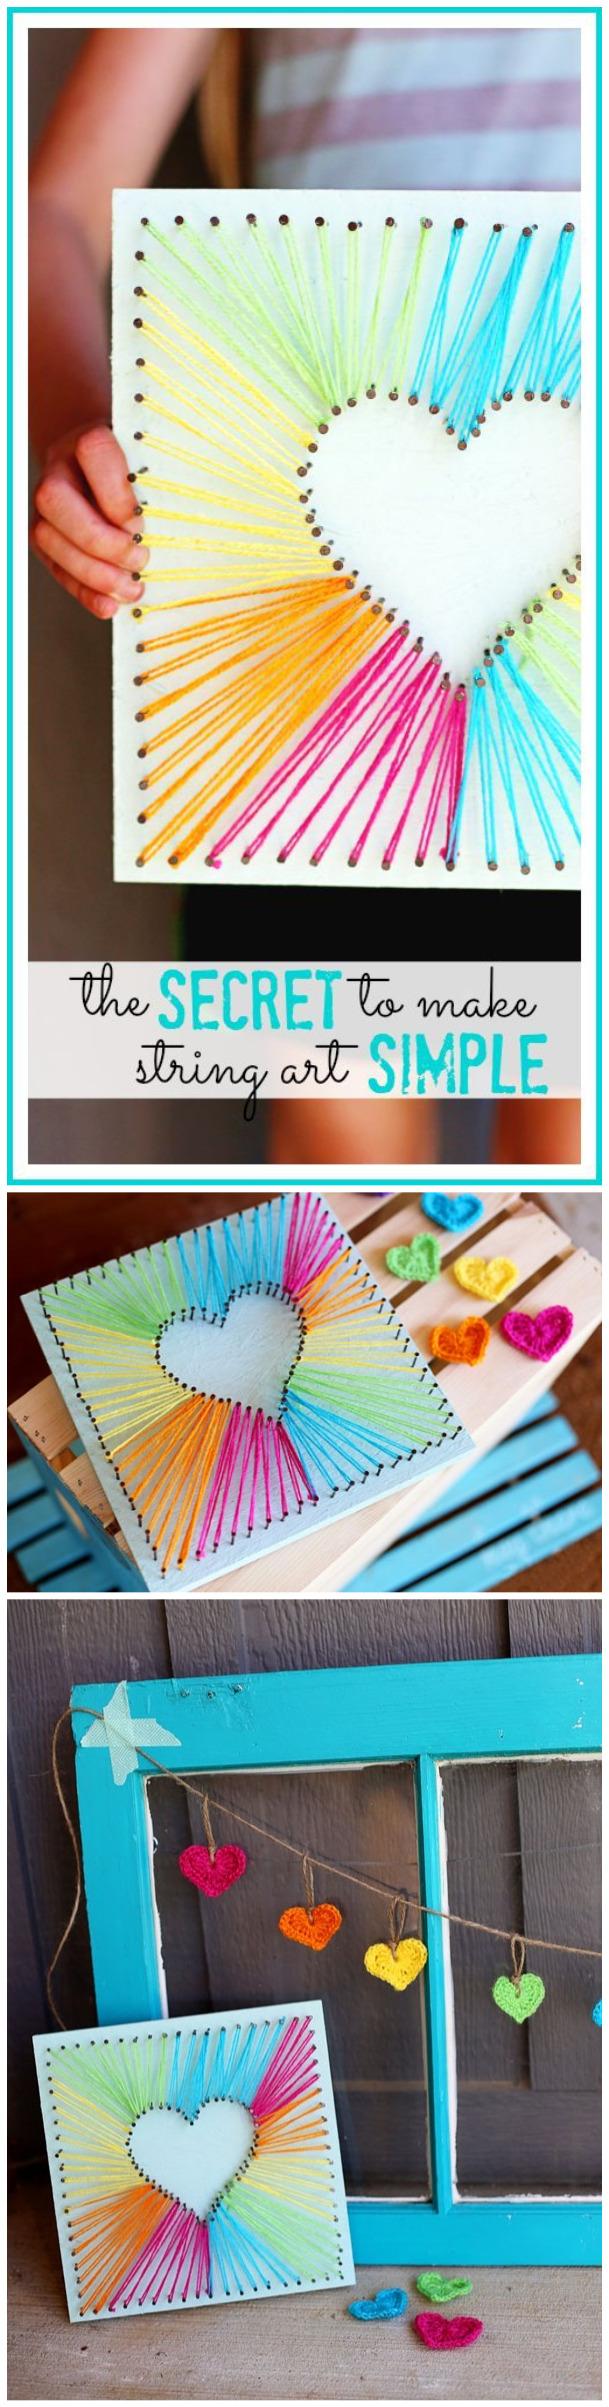 How to Make Lovely DIY Heart String Art - string art | Pinterest ...